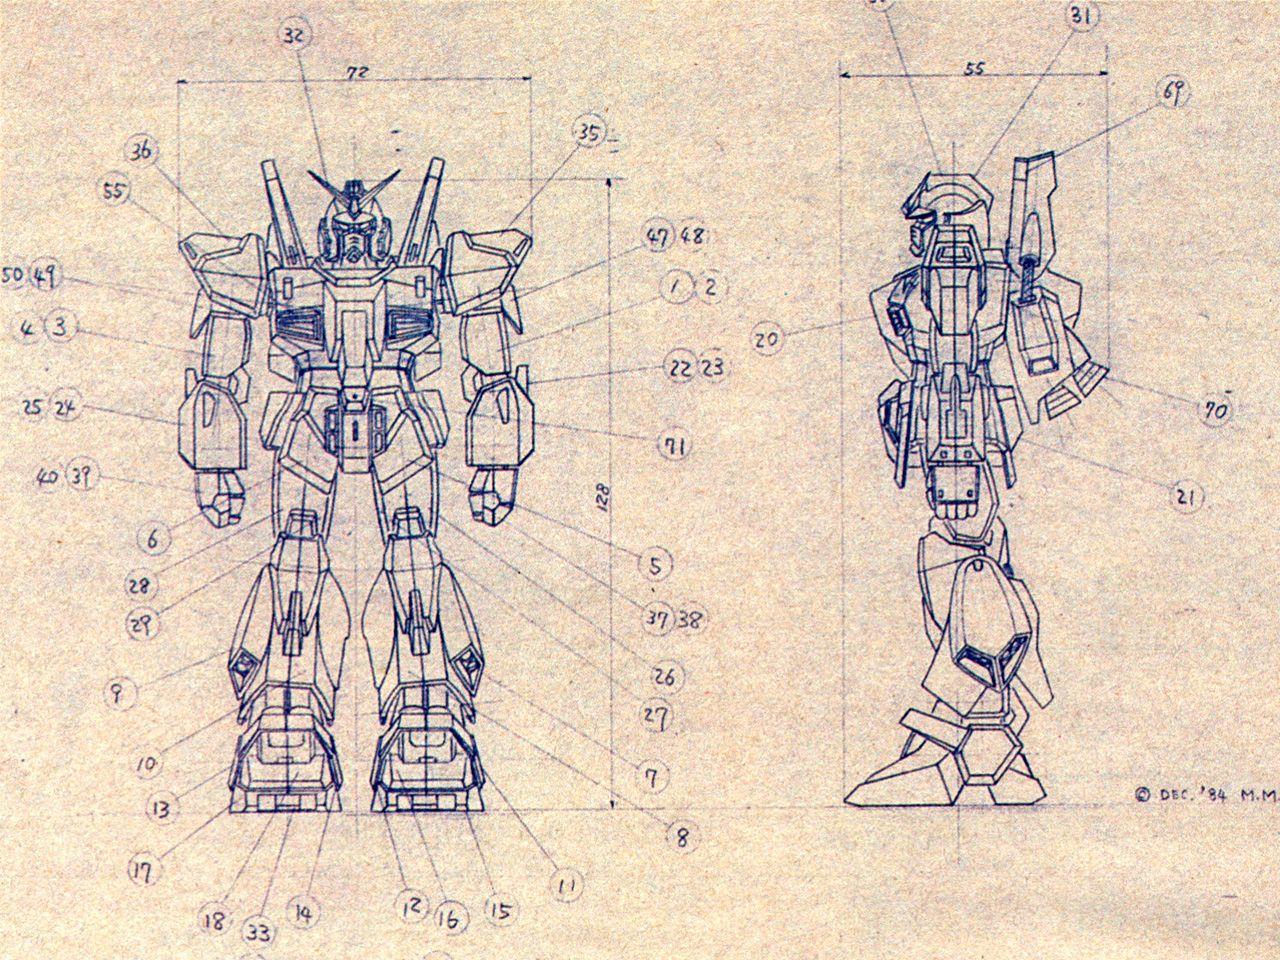 Gundam Schematic | 1 | Pinterest | Gundam, Otaku and Video games